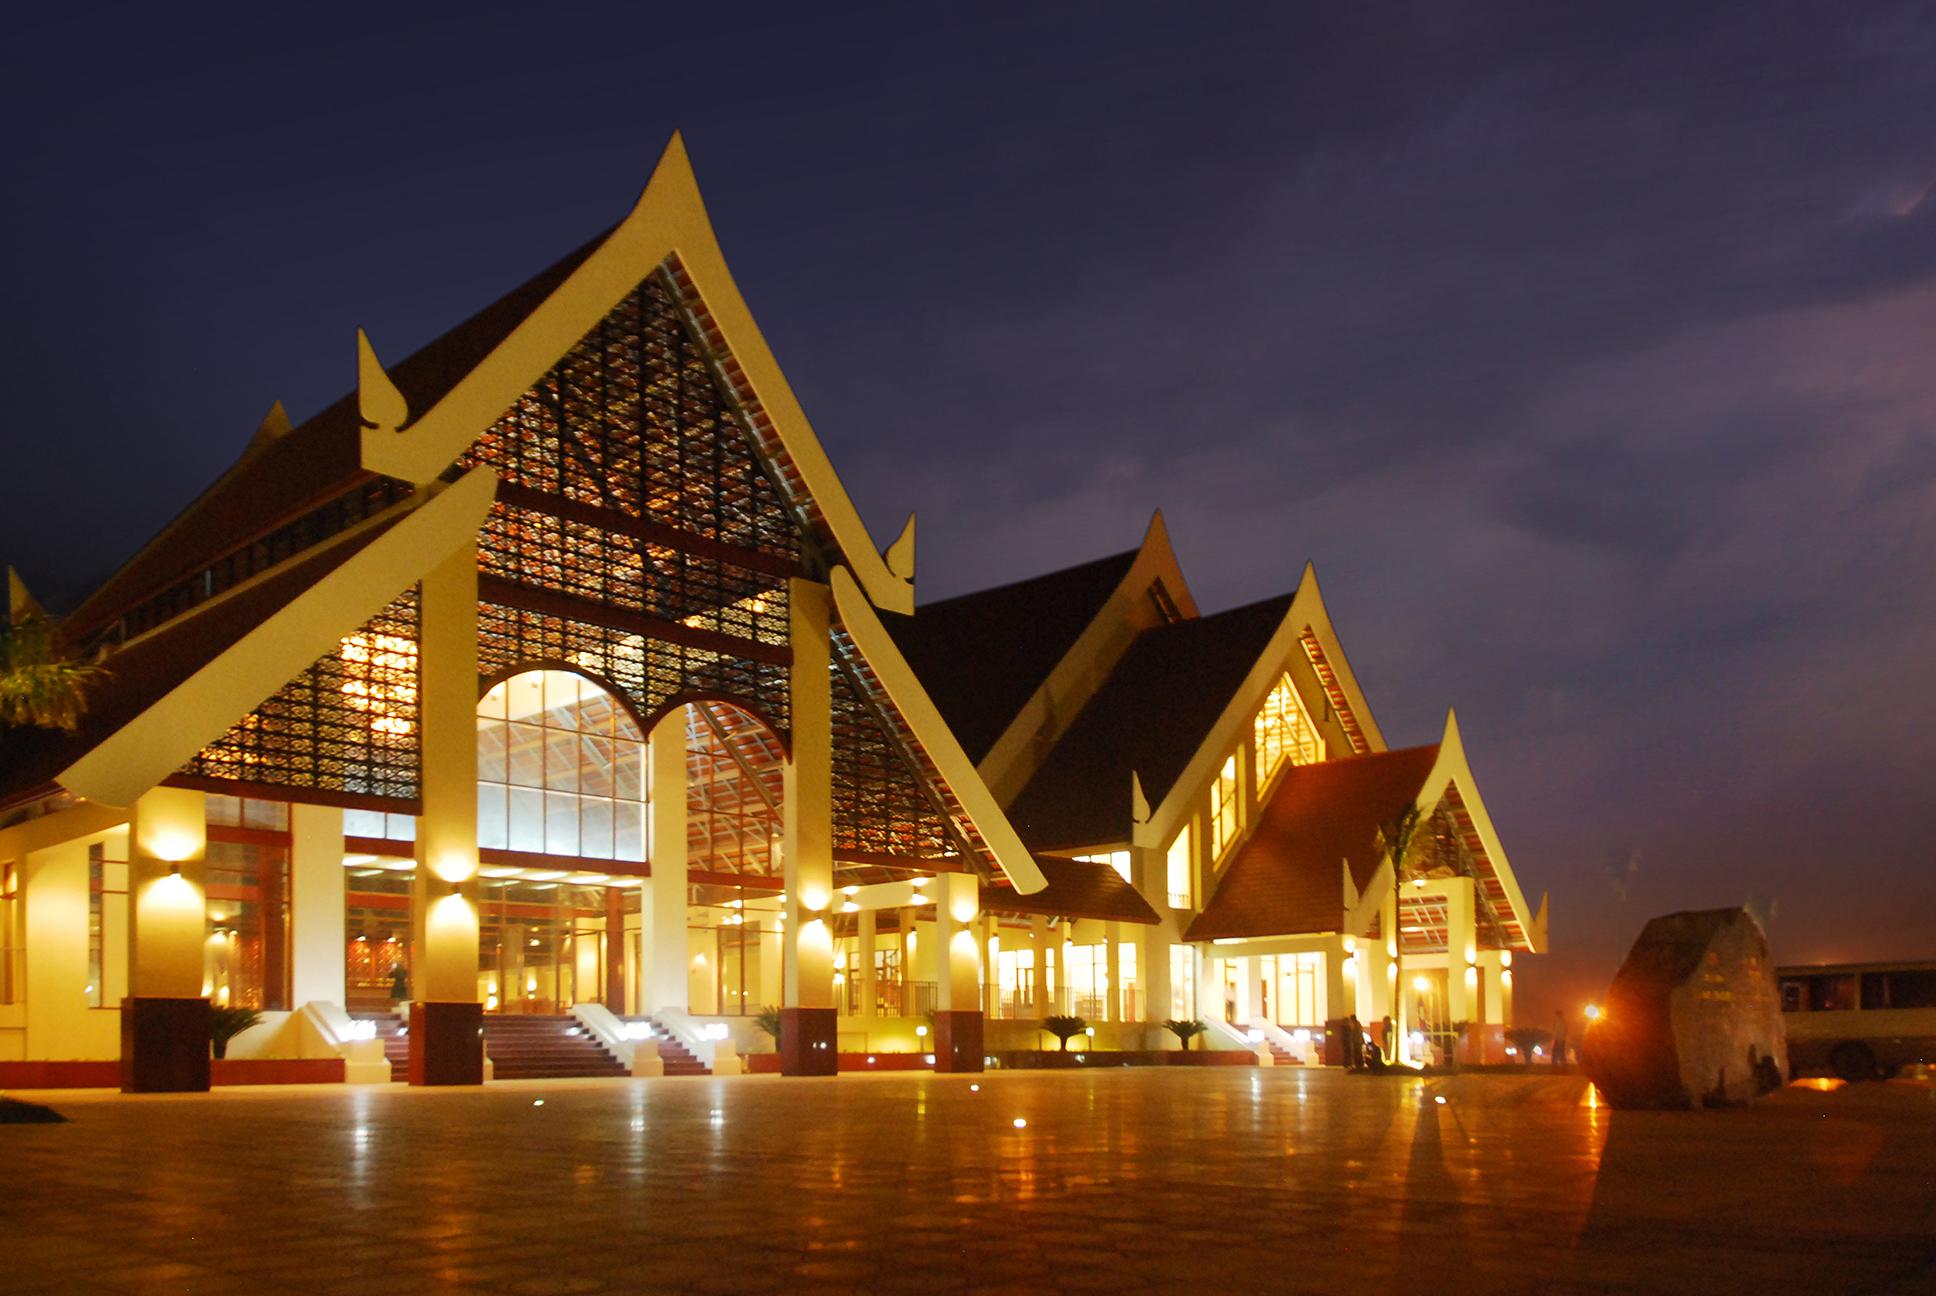 Công trình nhà văn hoá Cayson Phomvihane tại Savanakhet, CHDCND Lào do KTS Nguyễn Tuấn Ngọc và đồng nghiệp thiết kế, đạt Giải thưởng hội đồng Giải Kiến trúc quốc gia năm 2014